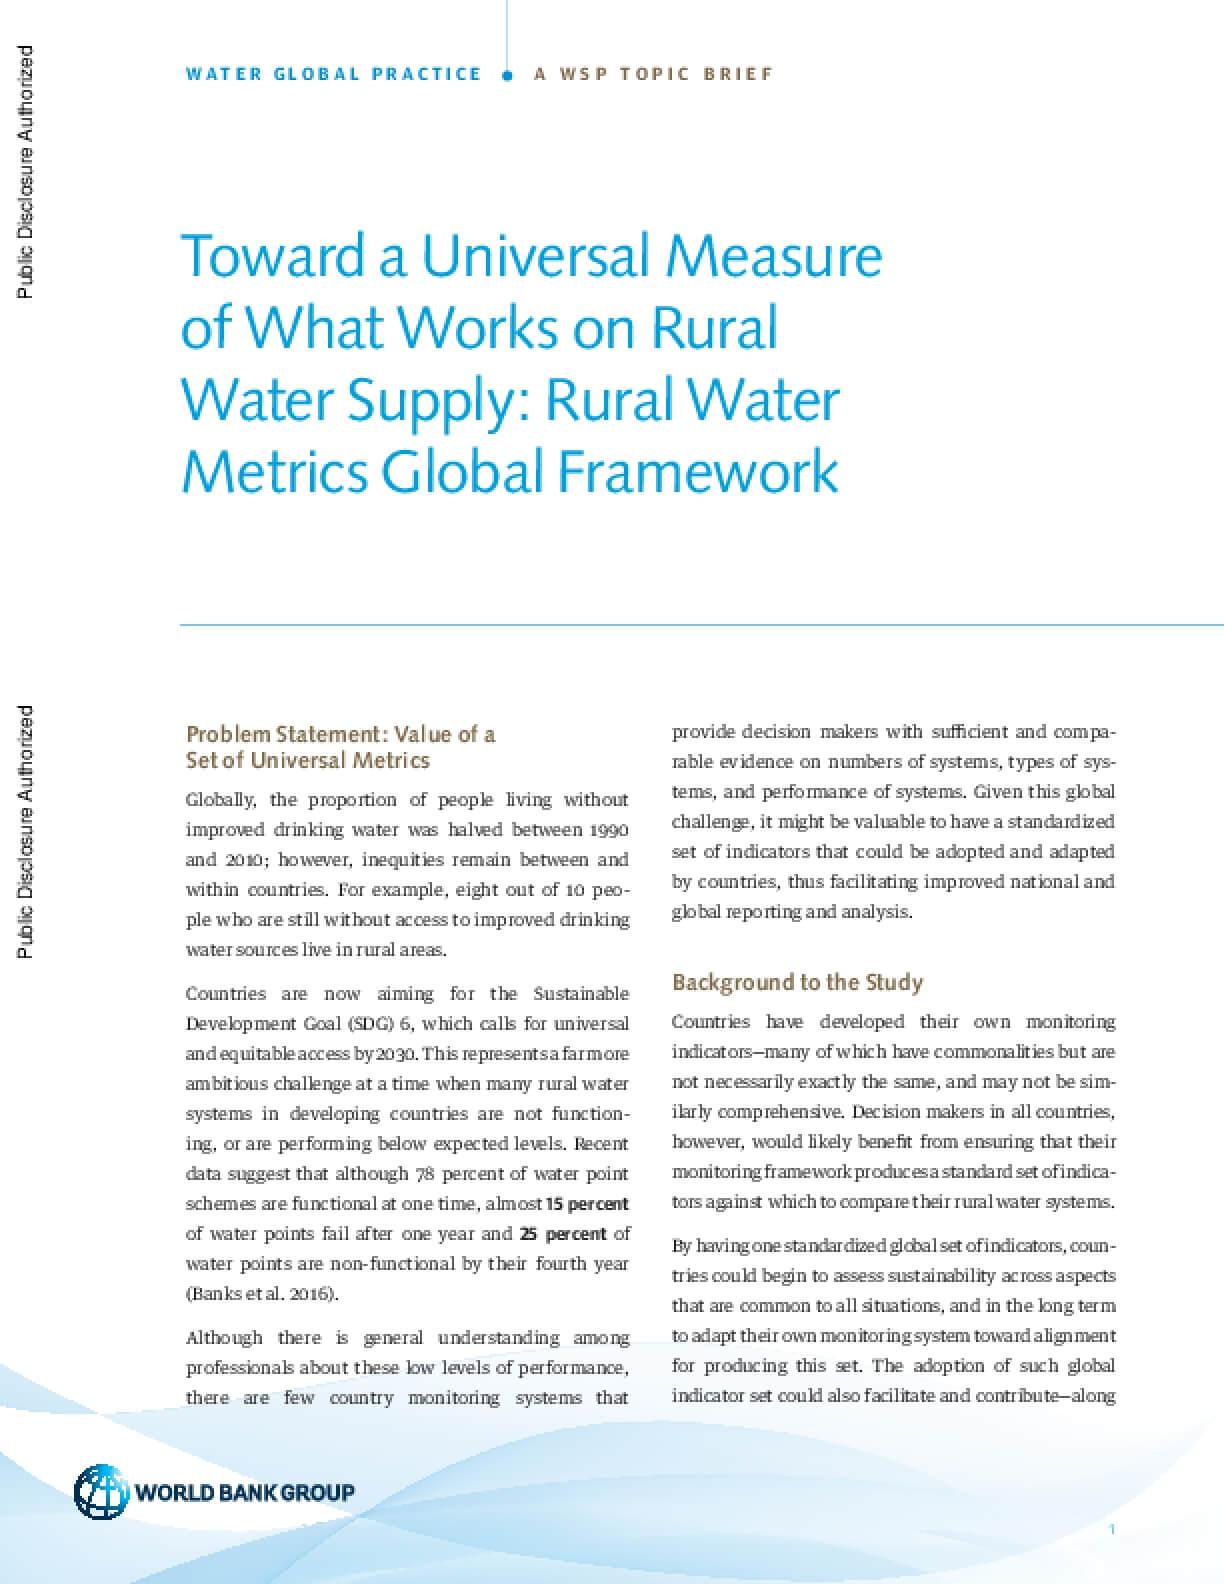 Toward a Universal Measure of What Works on Rural Water Supply: Rural Water Metrics Global Framework